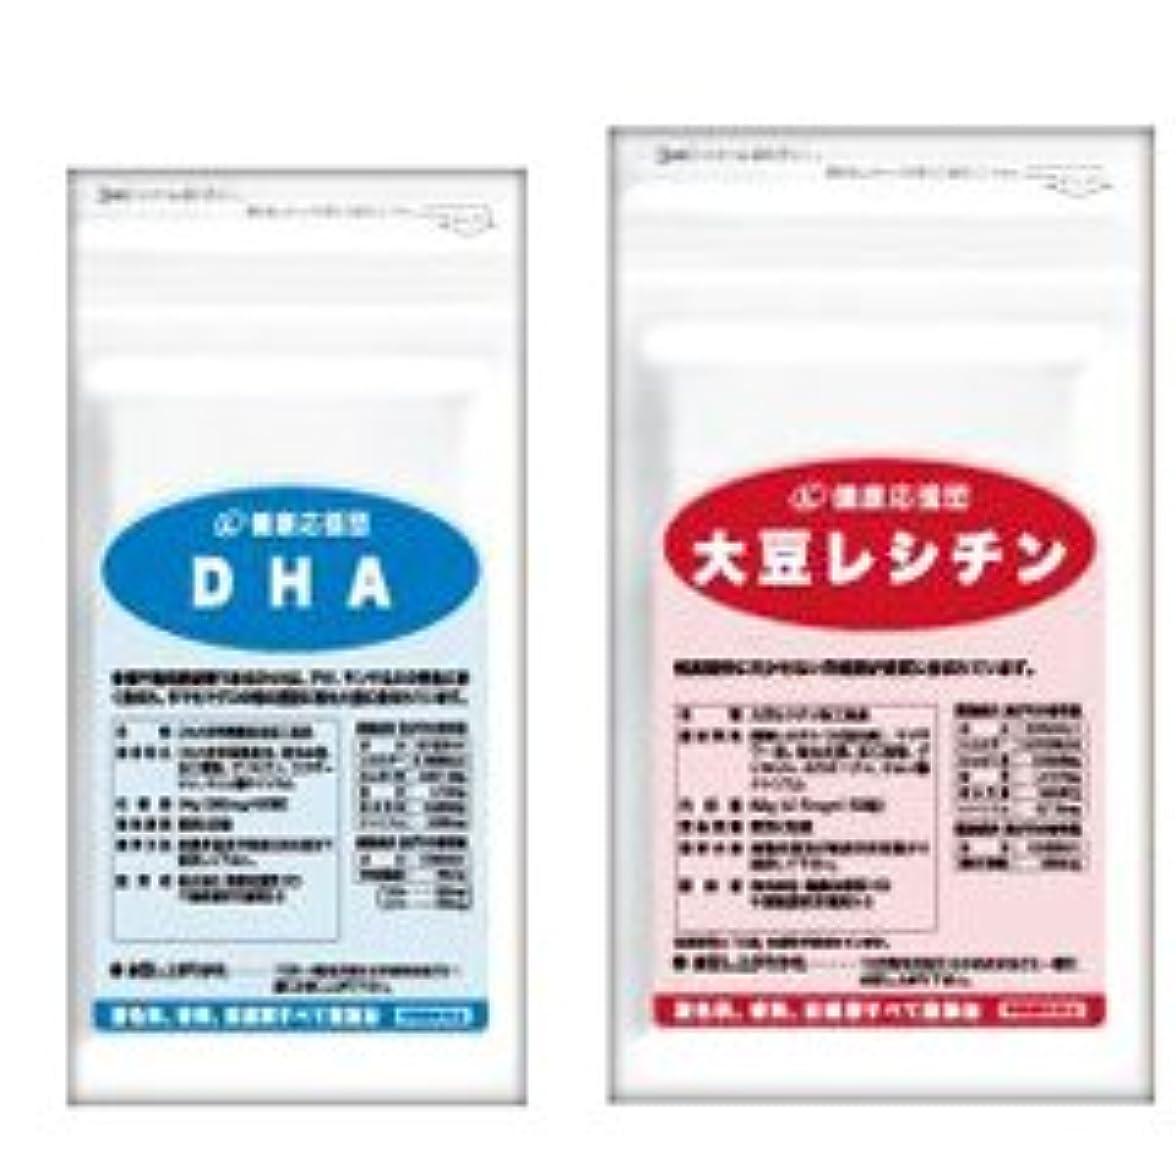 黙世紀動物園サラサラ巡りセット 大豆レシチン + DHA